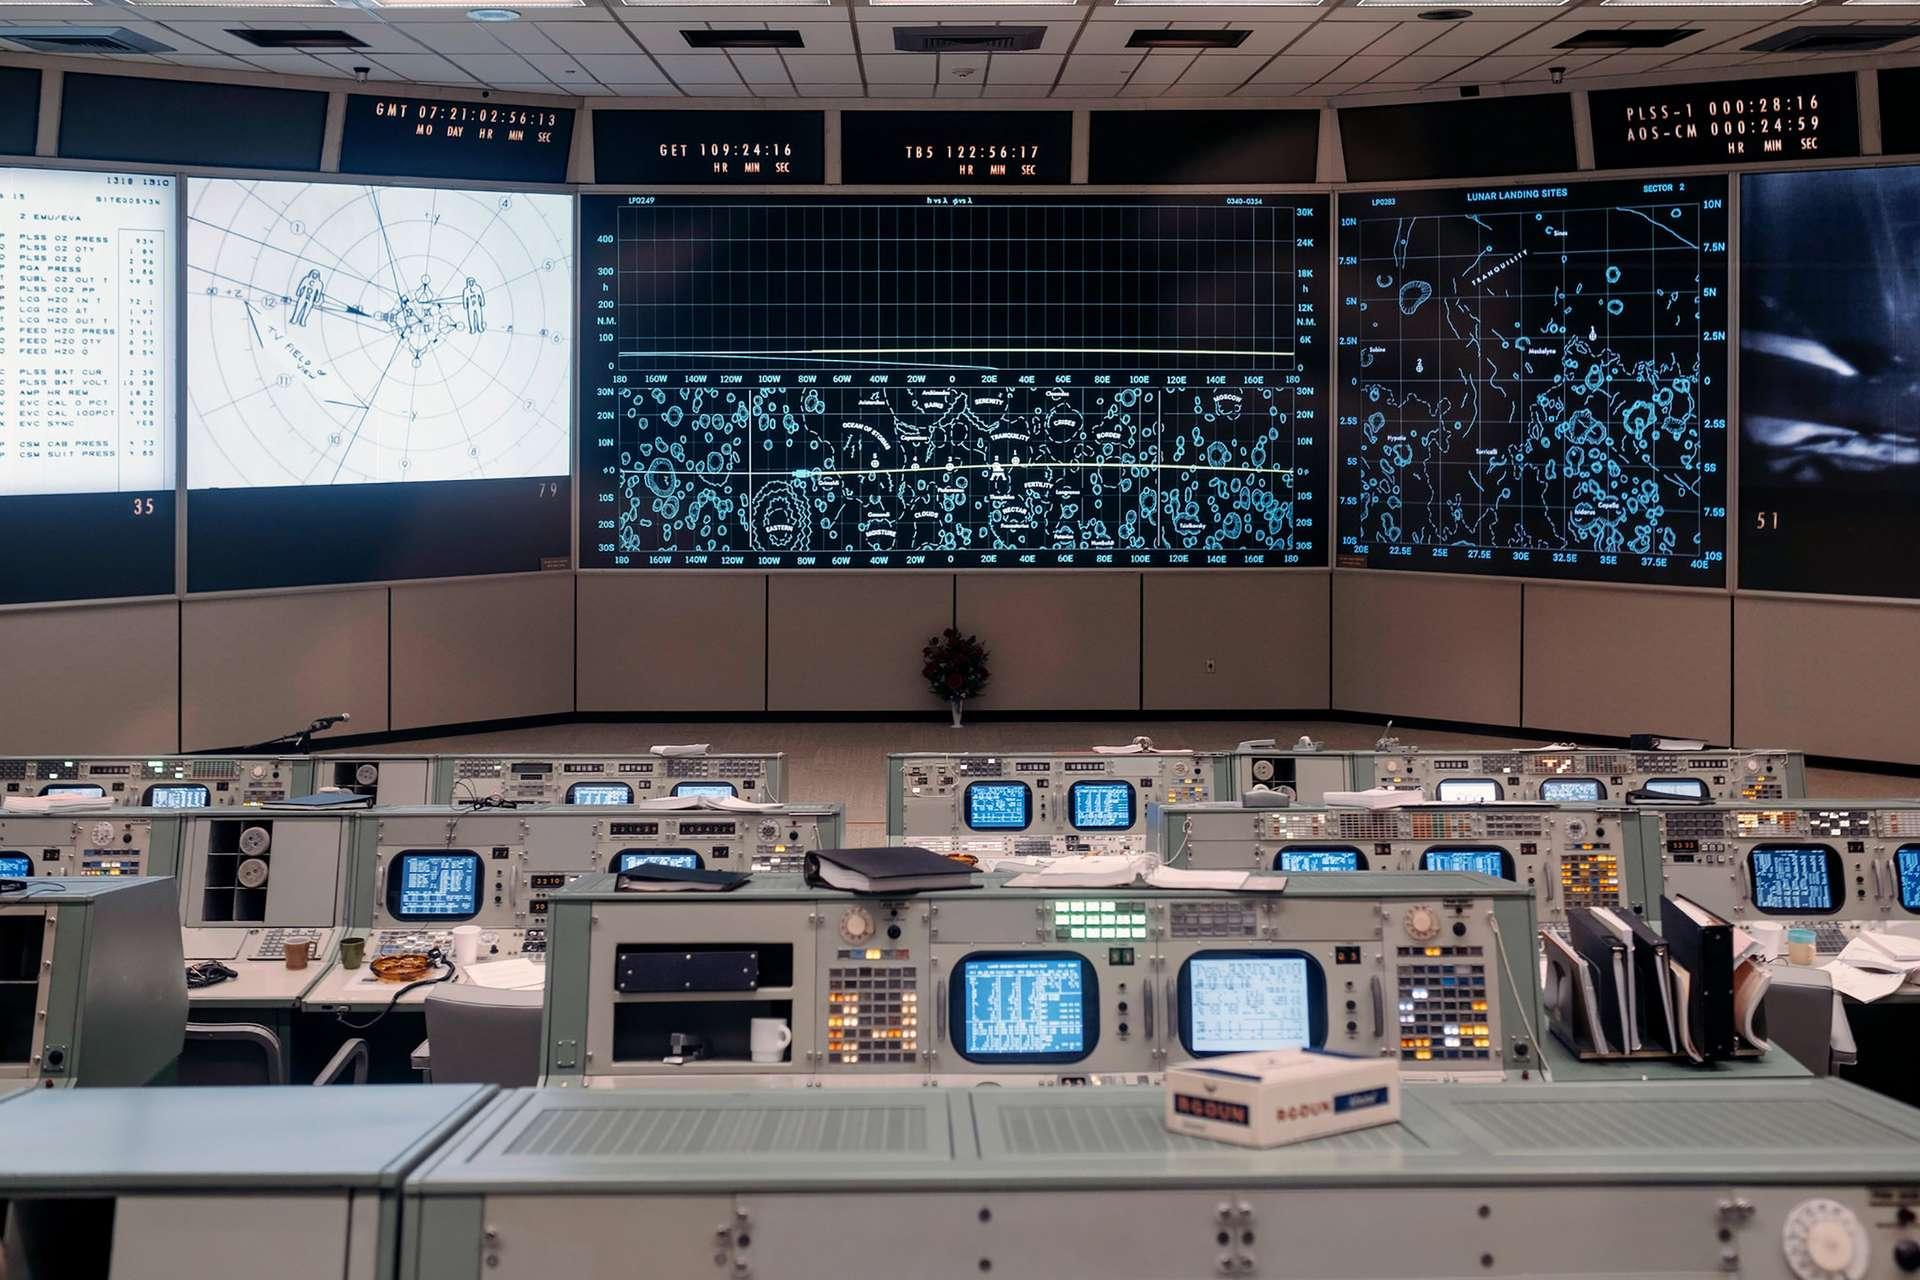 Le centre de contrôle des missions Apollo, également utilisé pour les missions Gemini. Il est vu ici rénové avec une remise en état identique à l'année 1969. © Nasa